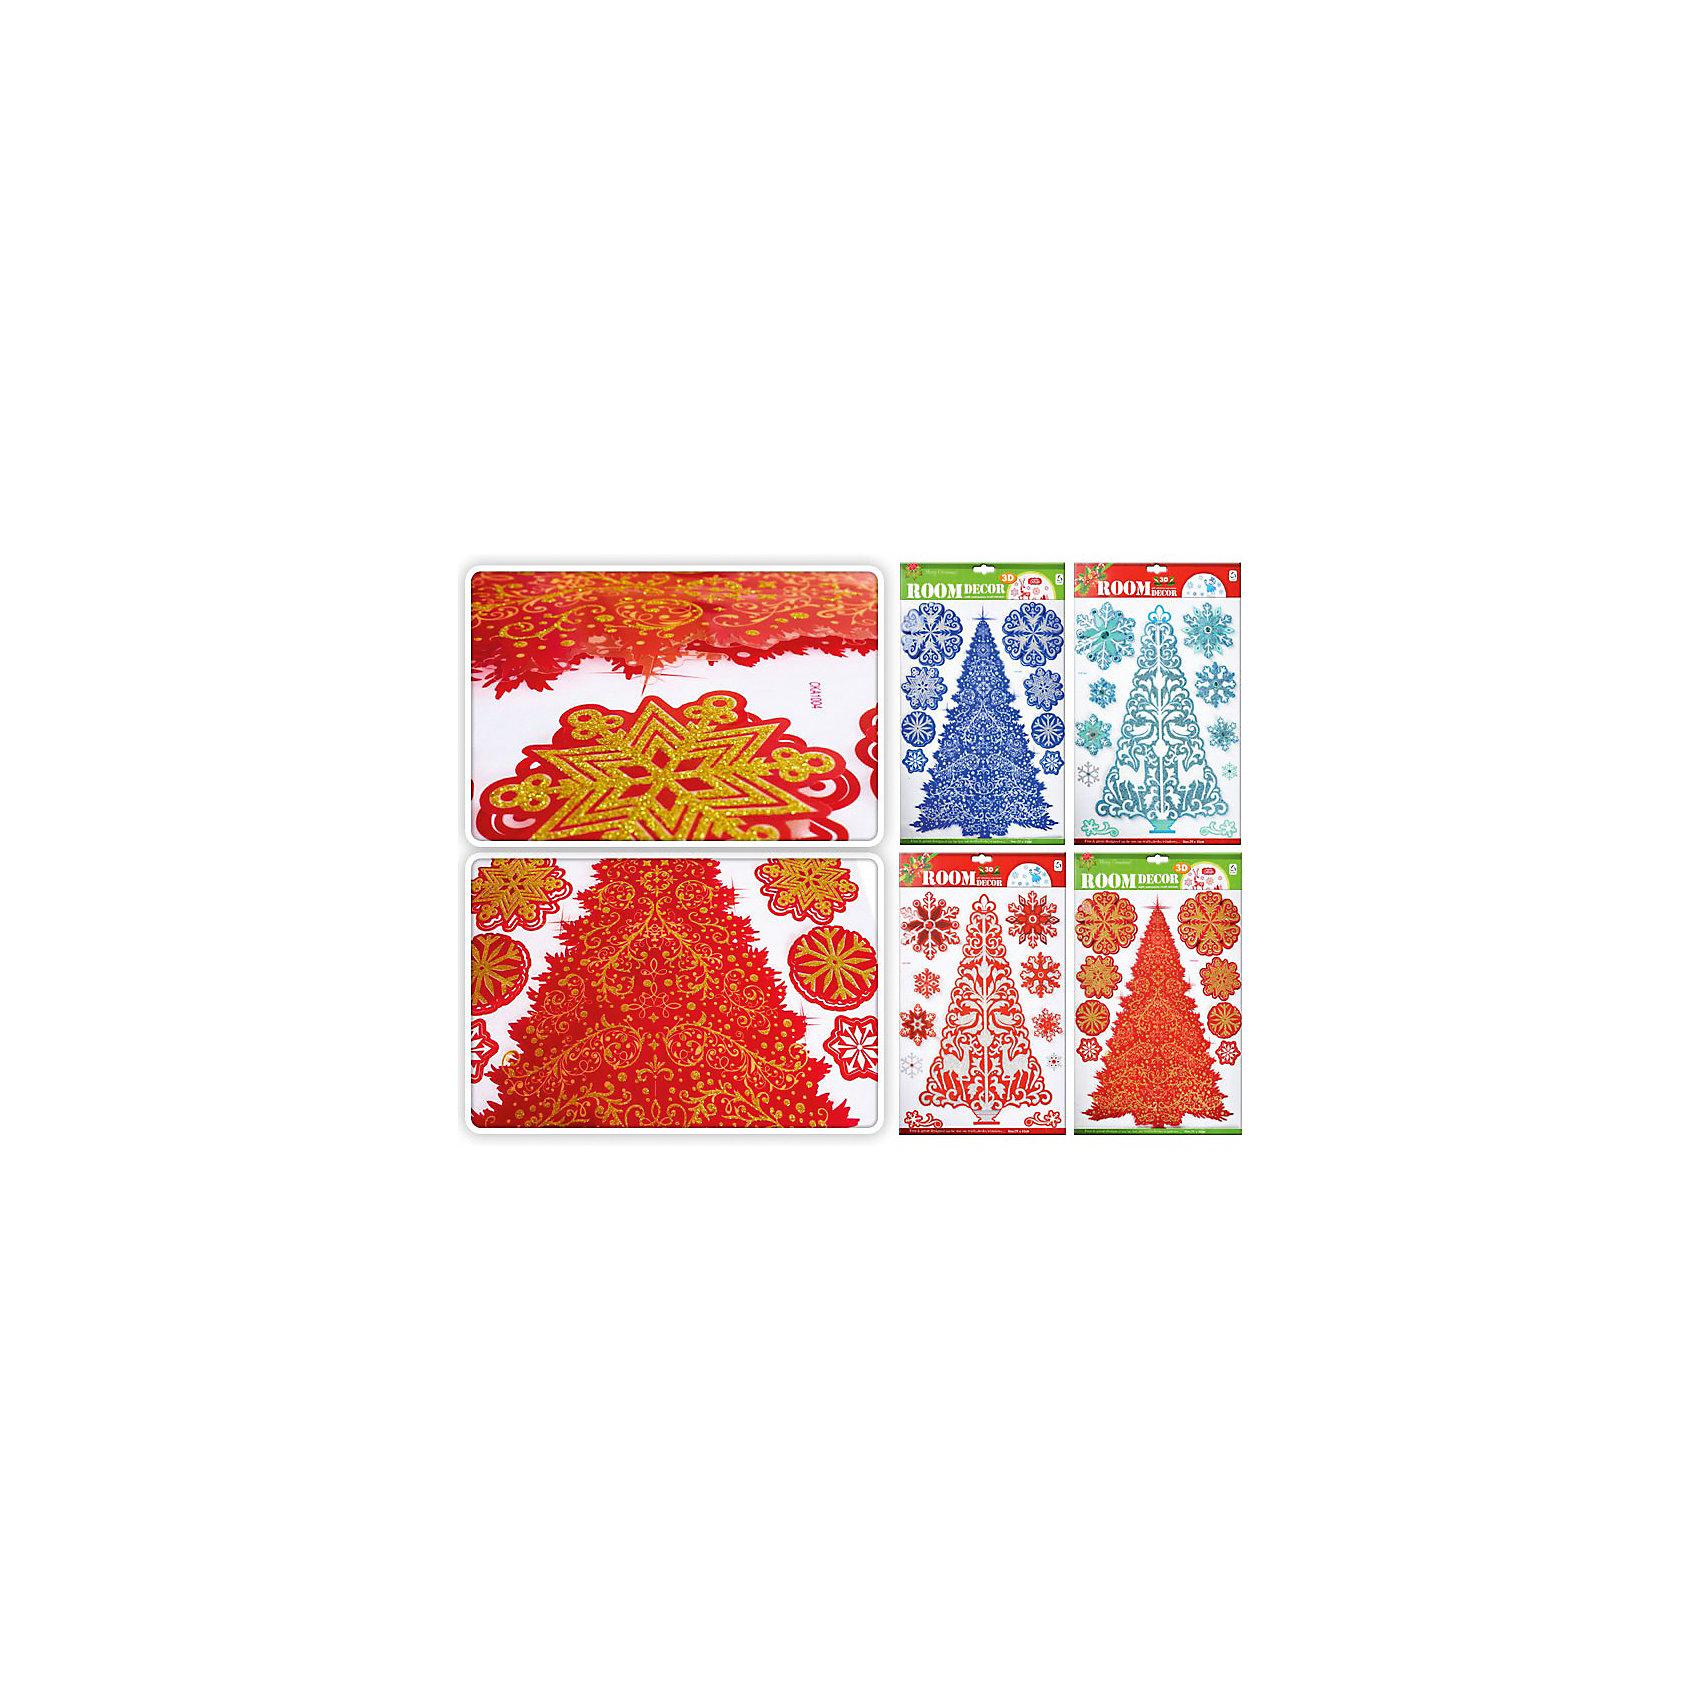 Интерьерные 3D наклейки Елка и снежинки, TUKZARИнтерьерные 3D наклейки Елка и Снежинки, Tukzar (Тукзар) замечательно украсят Ваш интерьер и создадут праздничное новогоднее настроение. Наклейки выполнены в виде красивой<br>ажурной елочки и снежинок. В ассортименте 4 расцветки.<br><br>Дополнительная информация:<br><br>- Размер: 48 х 29 см.<br>- Вес: 104 гр. <br><br>Интерьерные 3D наклейки Елка и Снежинки, Tukzar (Тукзар) можно купить в нашем интернет-магазине.<br><br>ВНИМАНИЕ! Данный артикул имеется в наличии в разных цветовых исполнениях. К сожалению, заранее выбрать определенный цвет невозможно.<br><br>Ширина мм: 480<br>Глубина мм: 290<br>Высота мм: 100<br>Вес г: 103<br>Возраст от месяцев: 36<br>Возраст до месяцев: 168<br>Пол: Унисекс<br>Возраст: Детский<br>SKU: 3875858